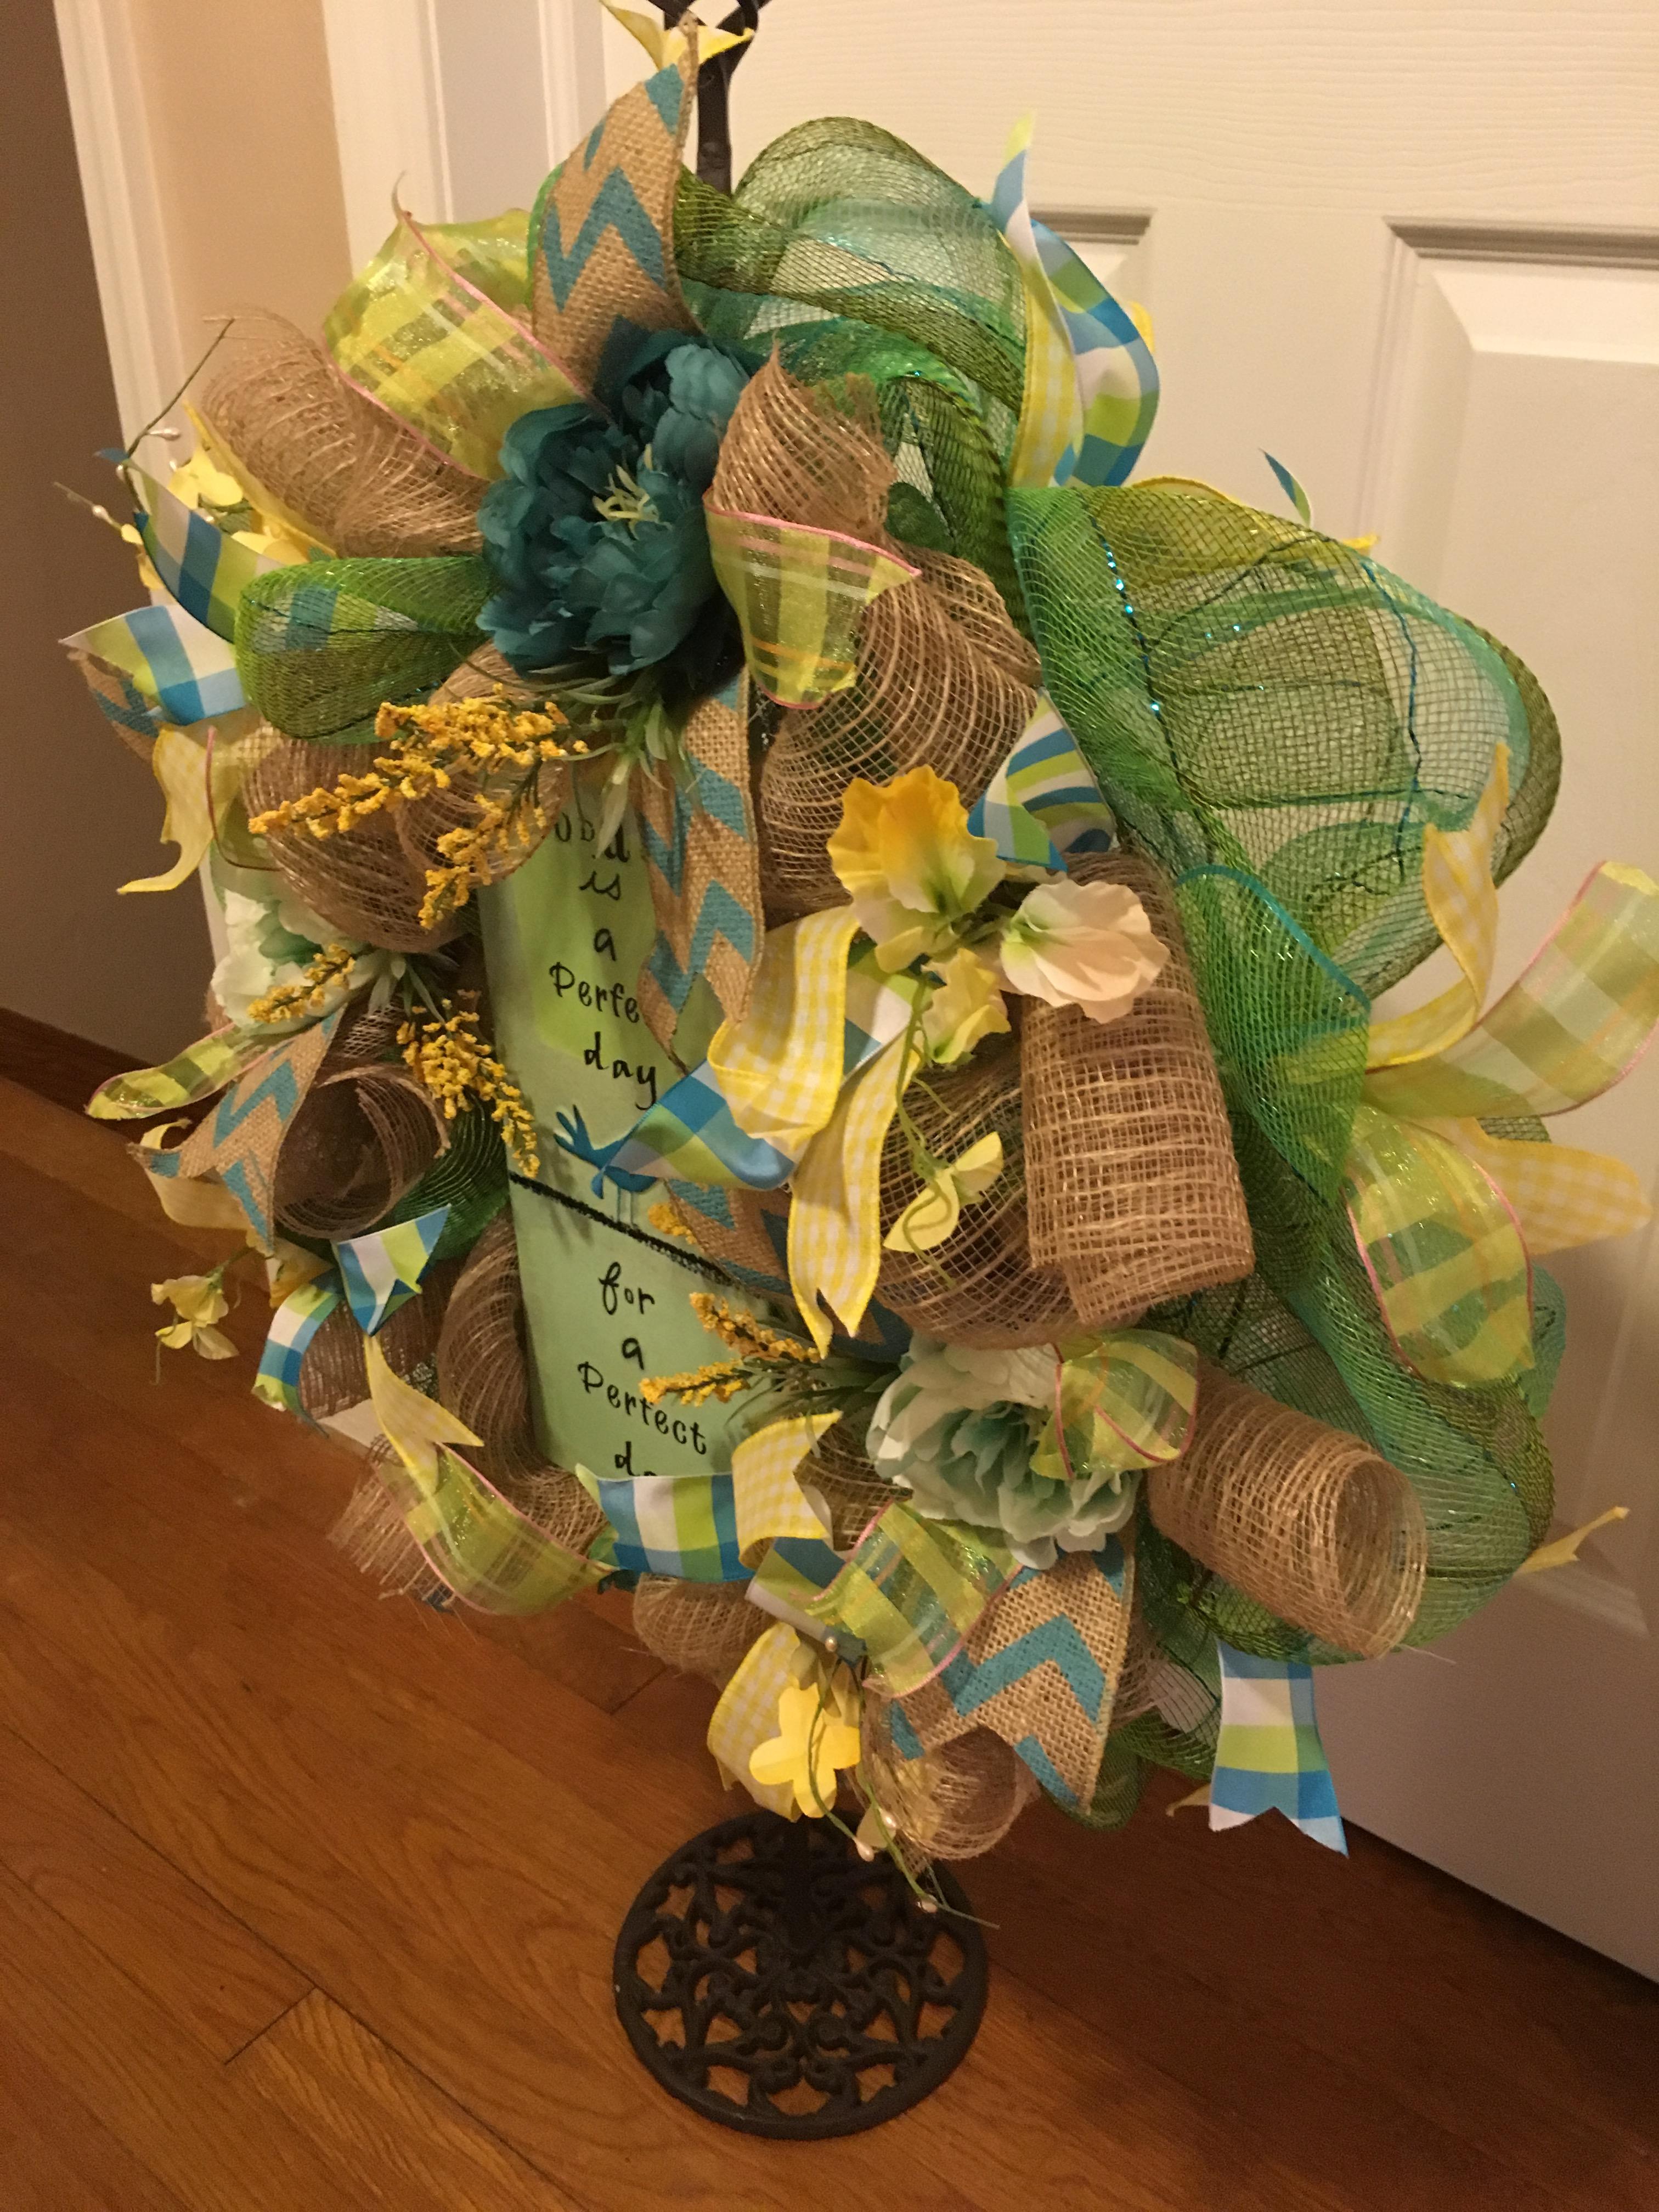 Everyday wreath welcome wreath front door wreath home decor img0624 img0482 img0483 img0484 img0485 rubansaba